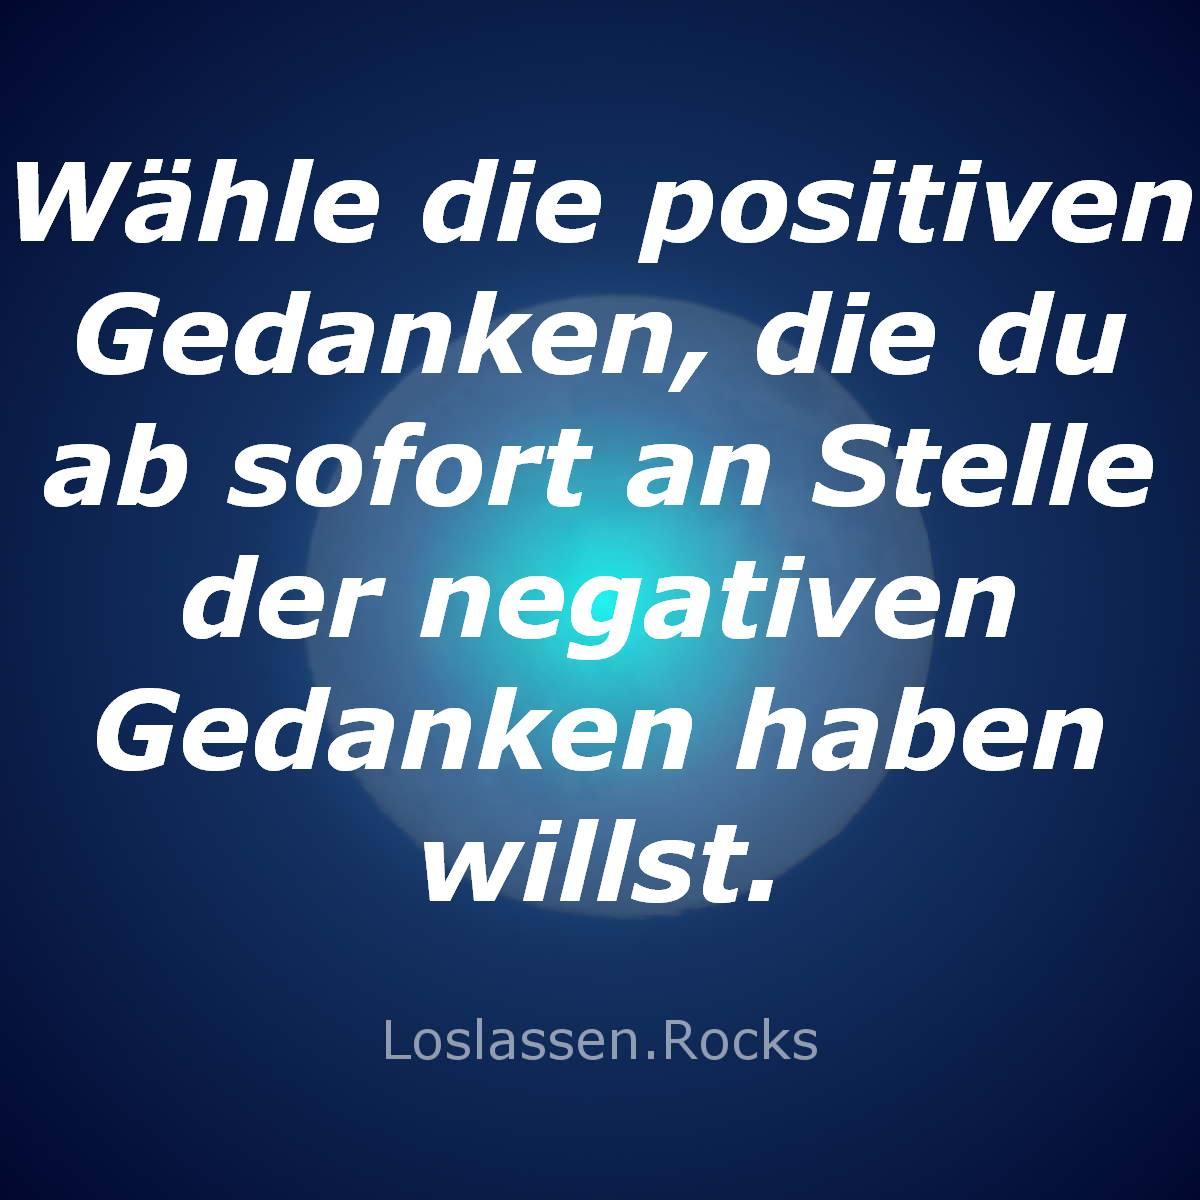 Deshalb wähle nun positive Gedanken, die du ab sofort an Stelle der negativen Gedanken haben willst.